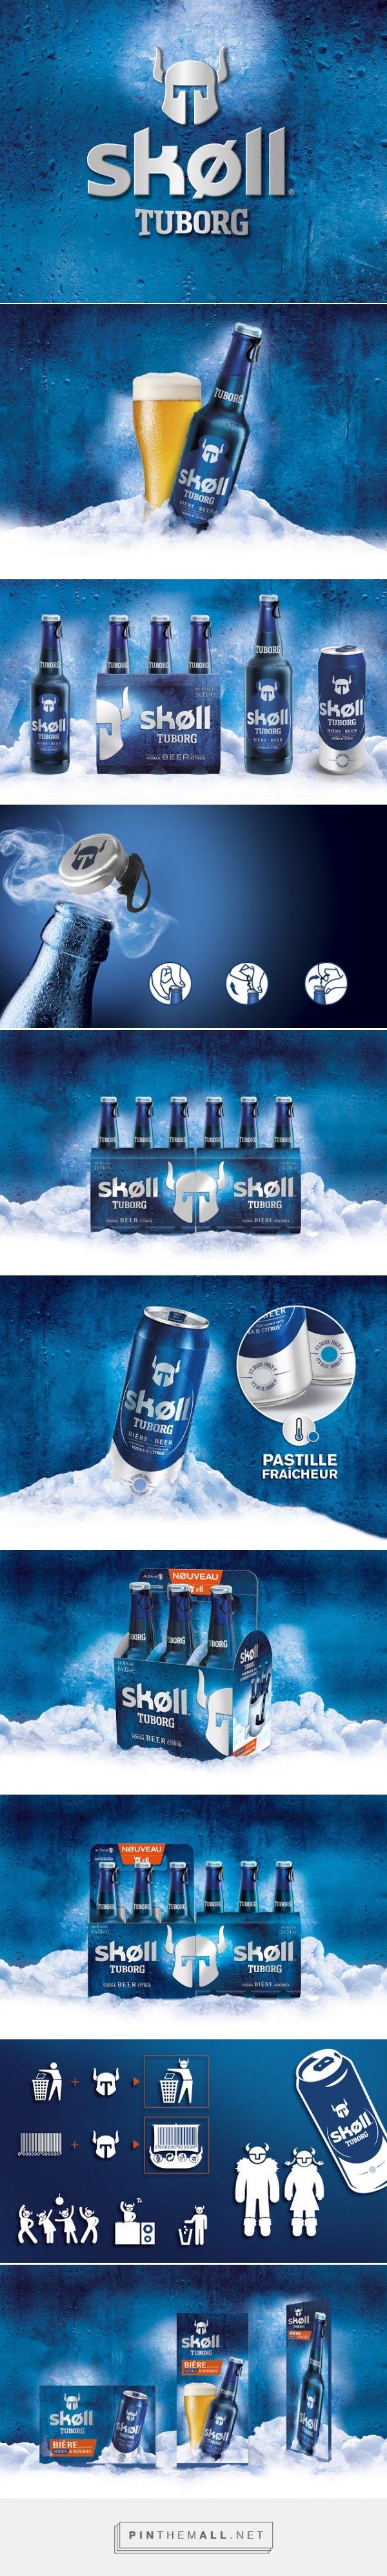 Skøll Tuborg #beer #packaging by Carré Noir - http://www.packagingoftheworld.com/2015/03/skll-tuborg.html